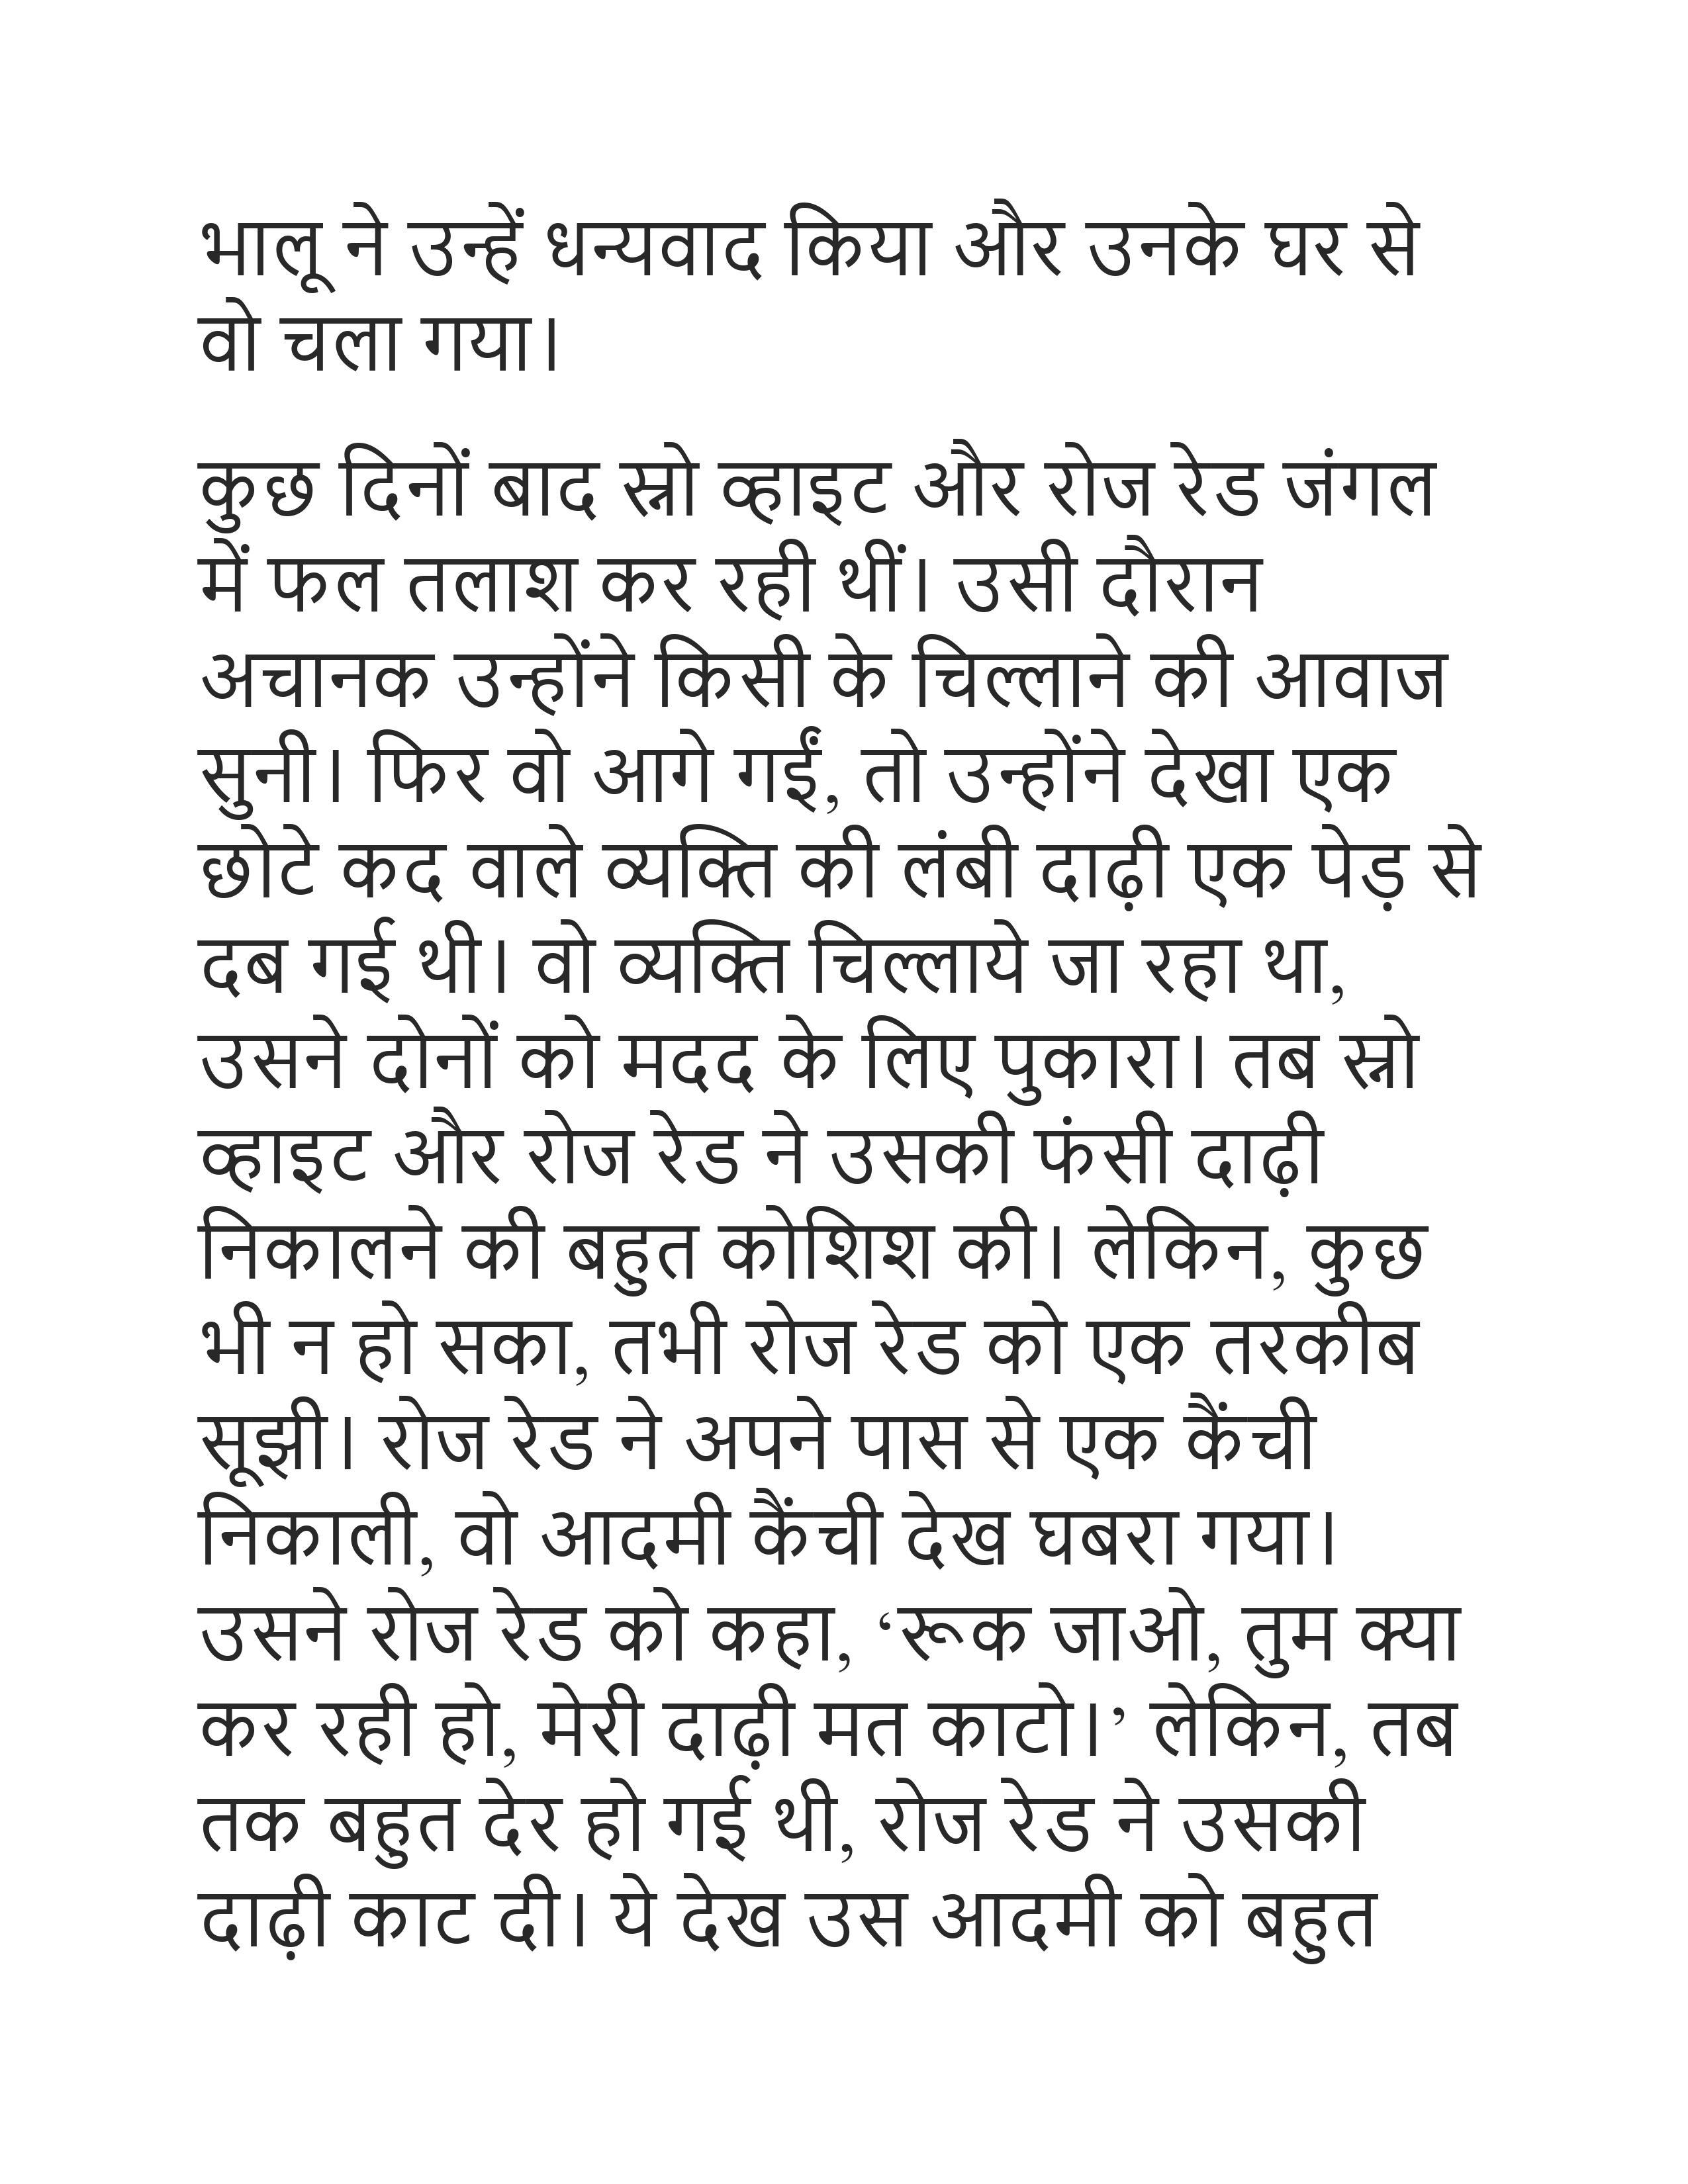 Fairy tales hindi pariyon ki kahaniya 4 1